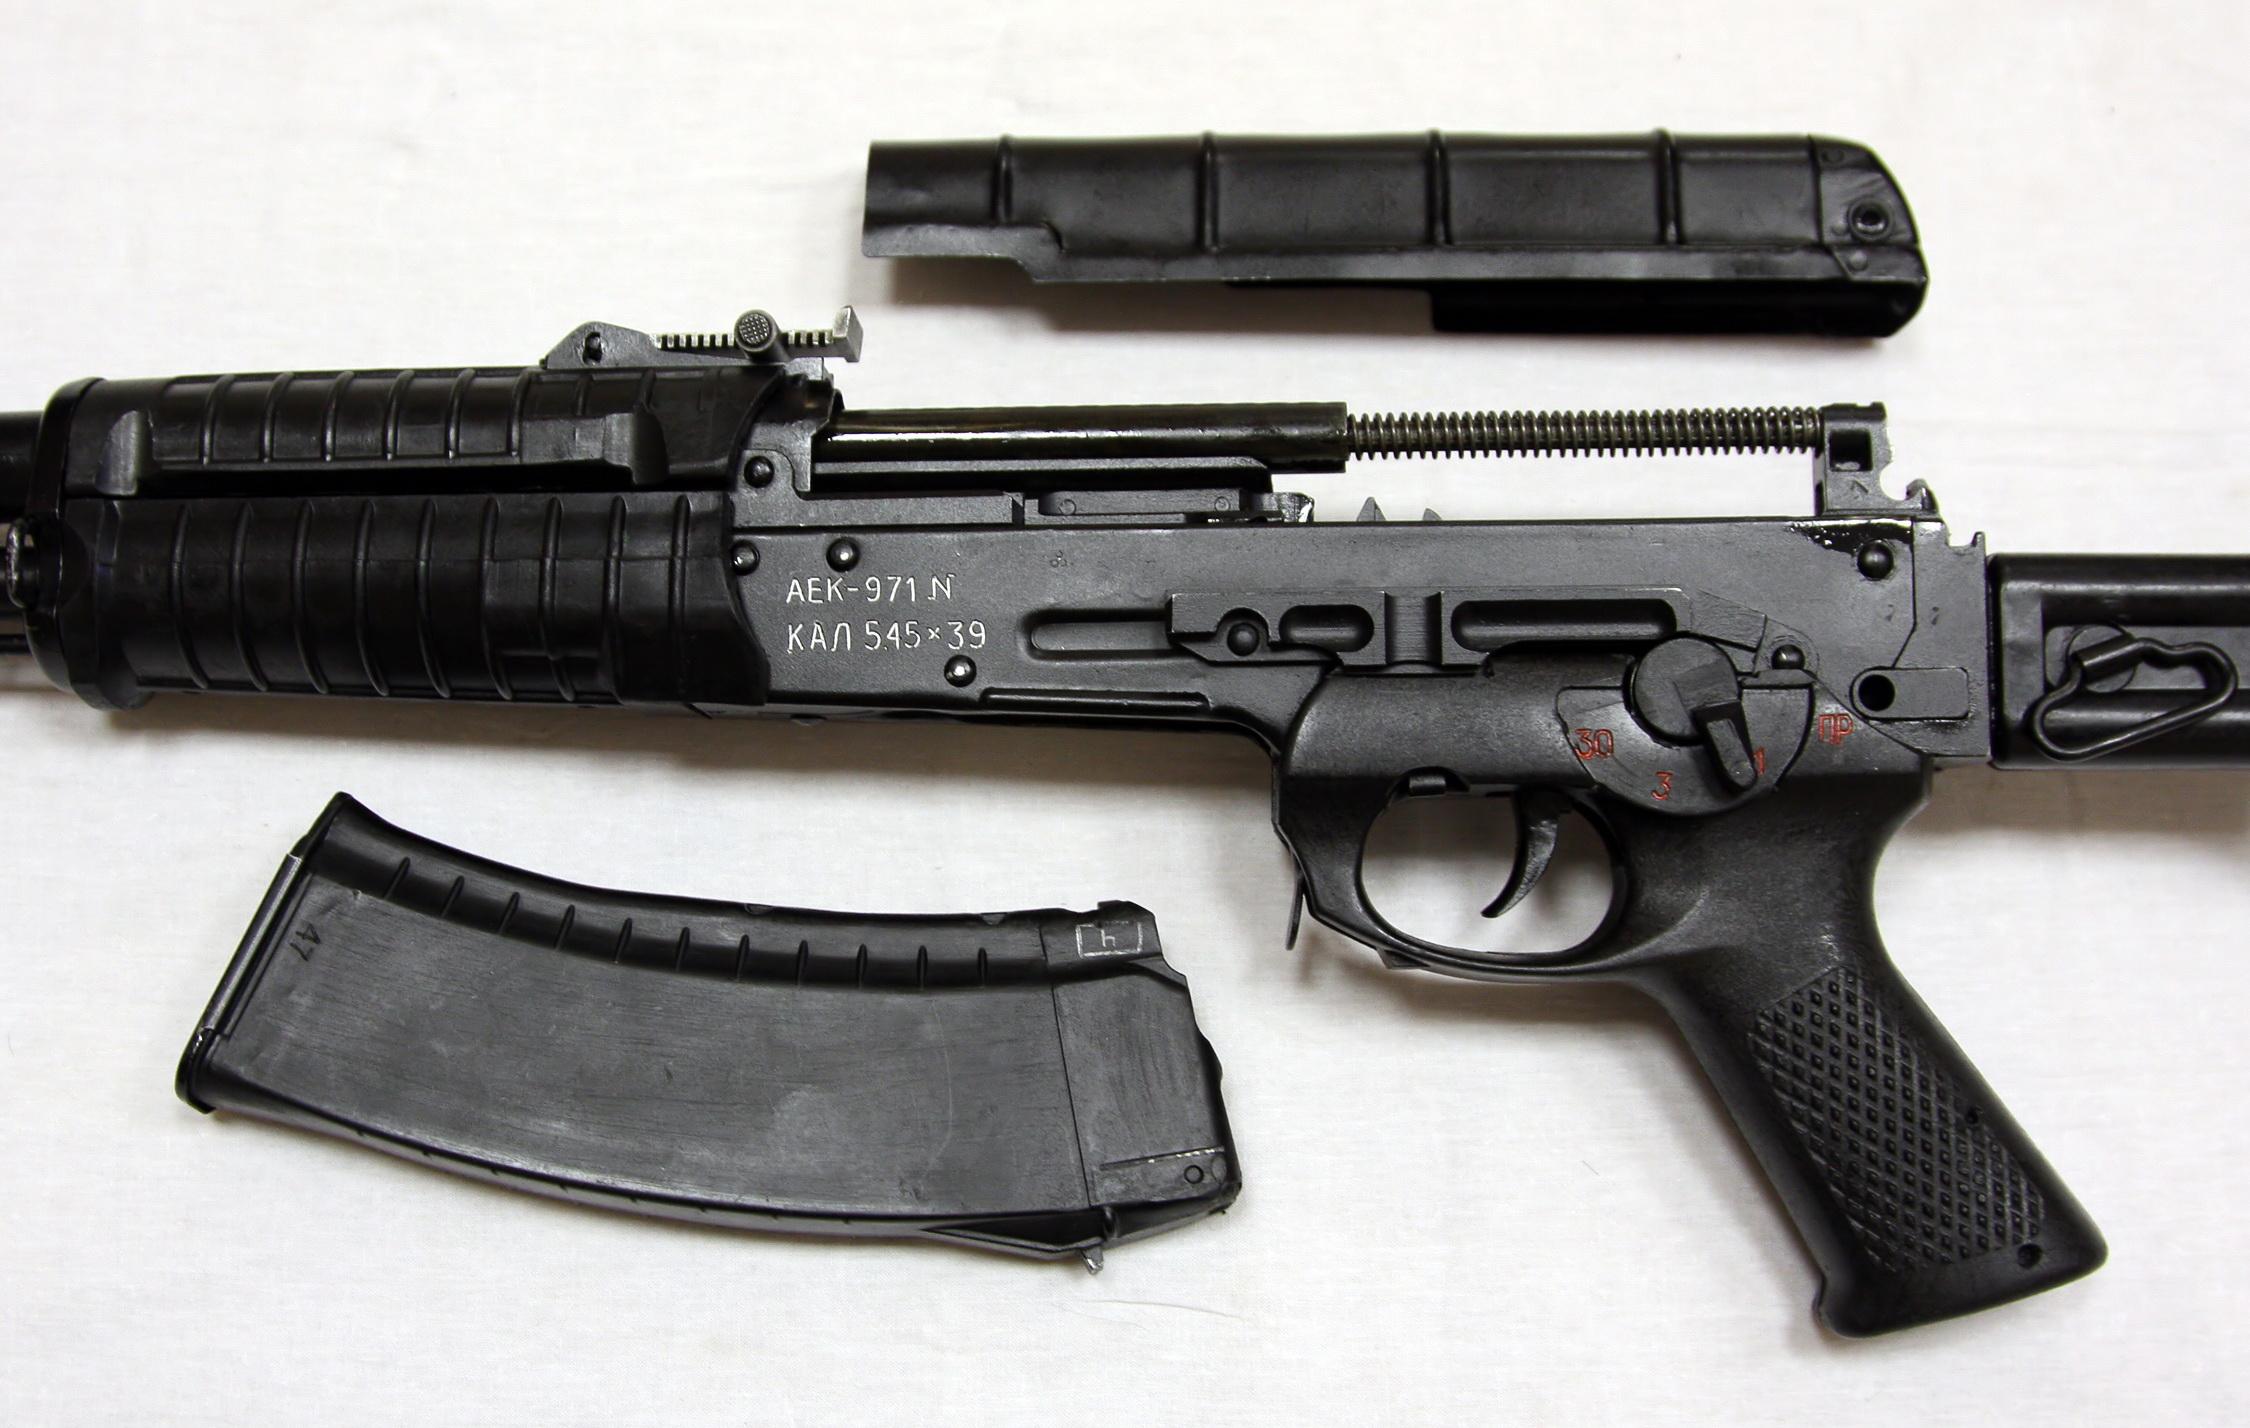 Automatic AEK-971